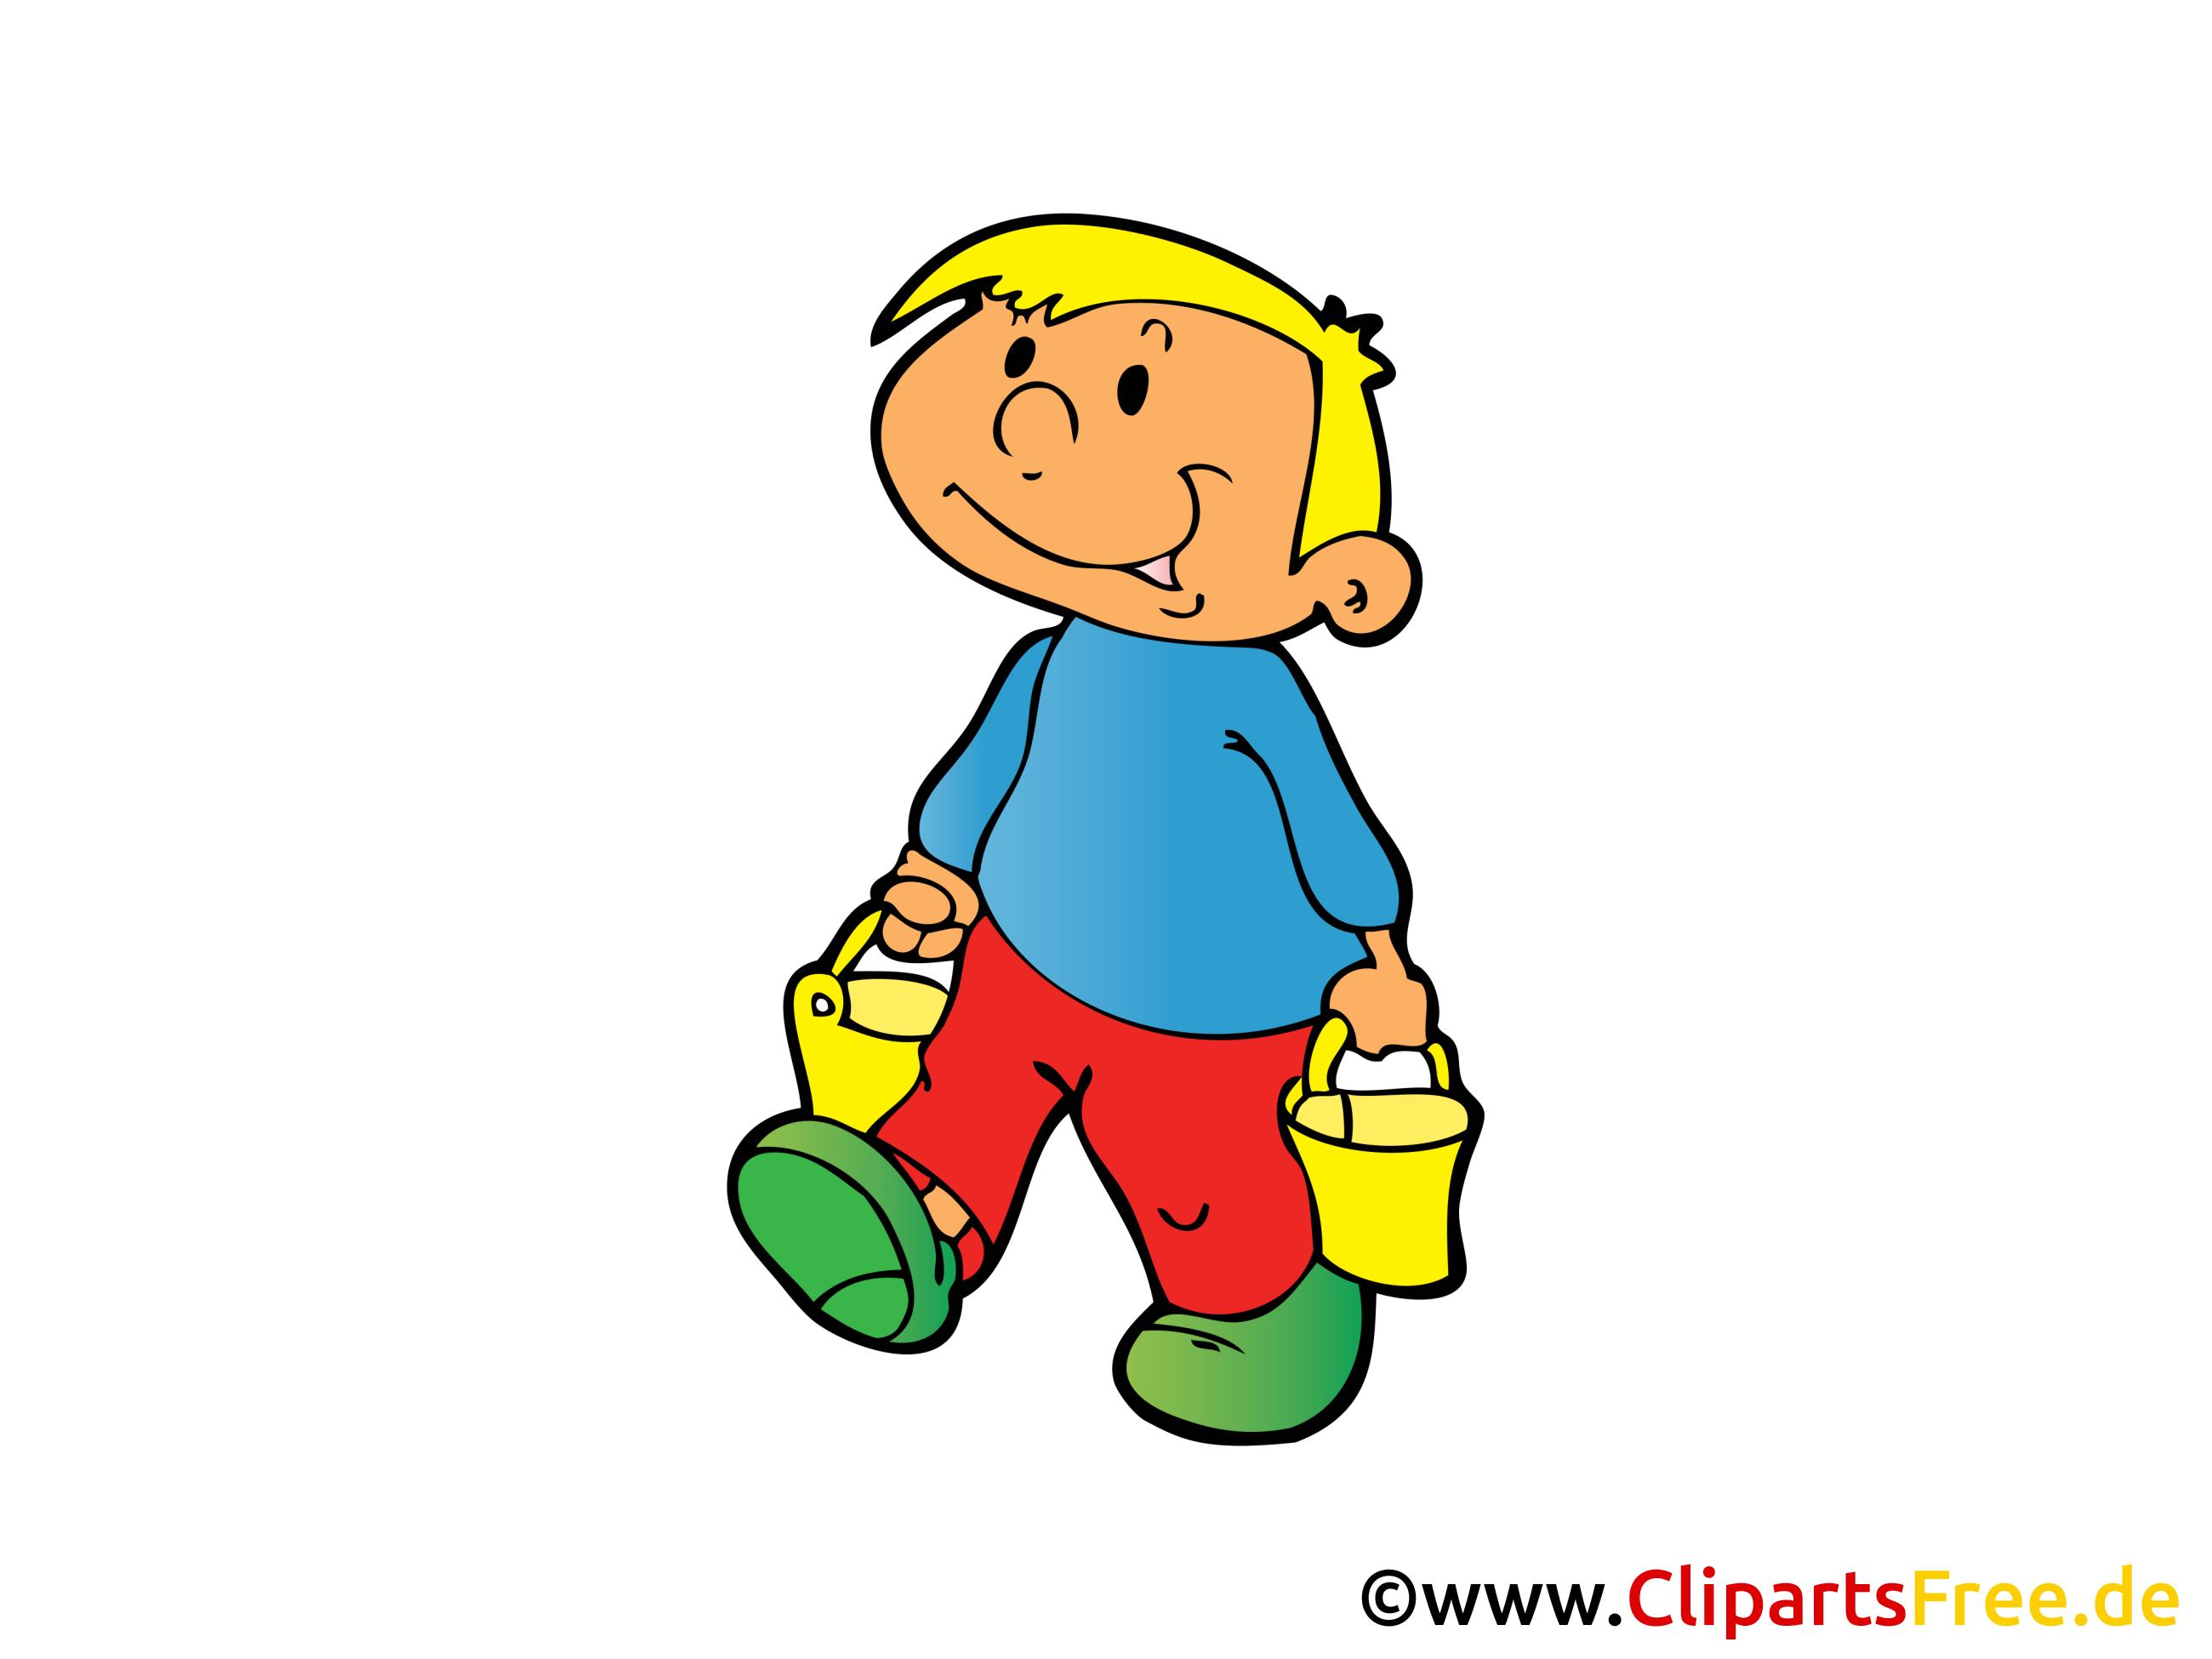 Bauer mit Eimer Bild, Clipart, Illustration, Comic, Cartoon gratis